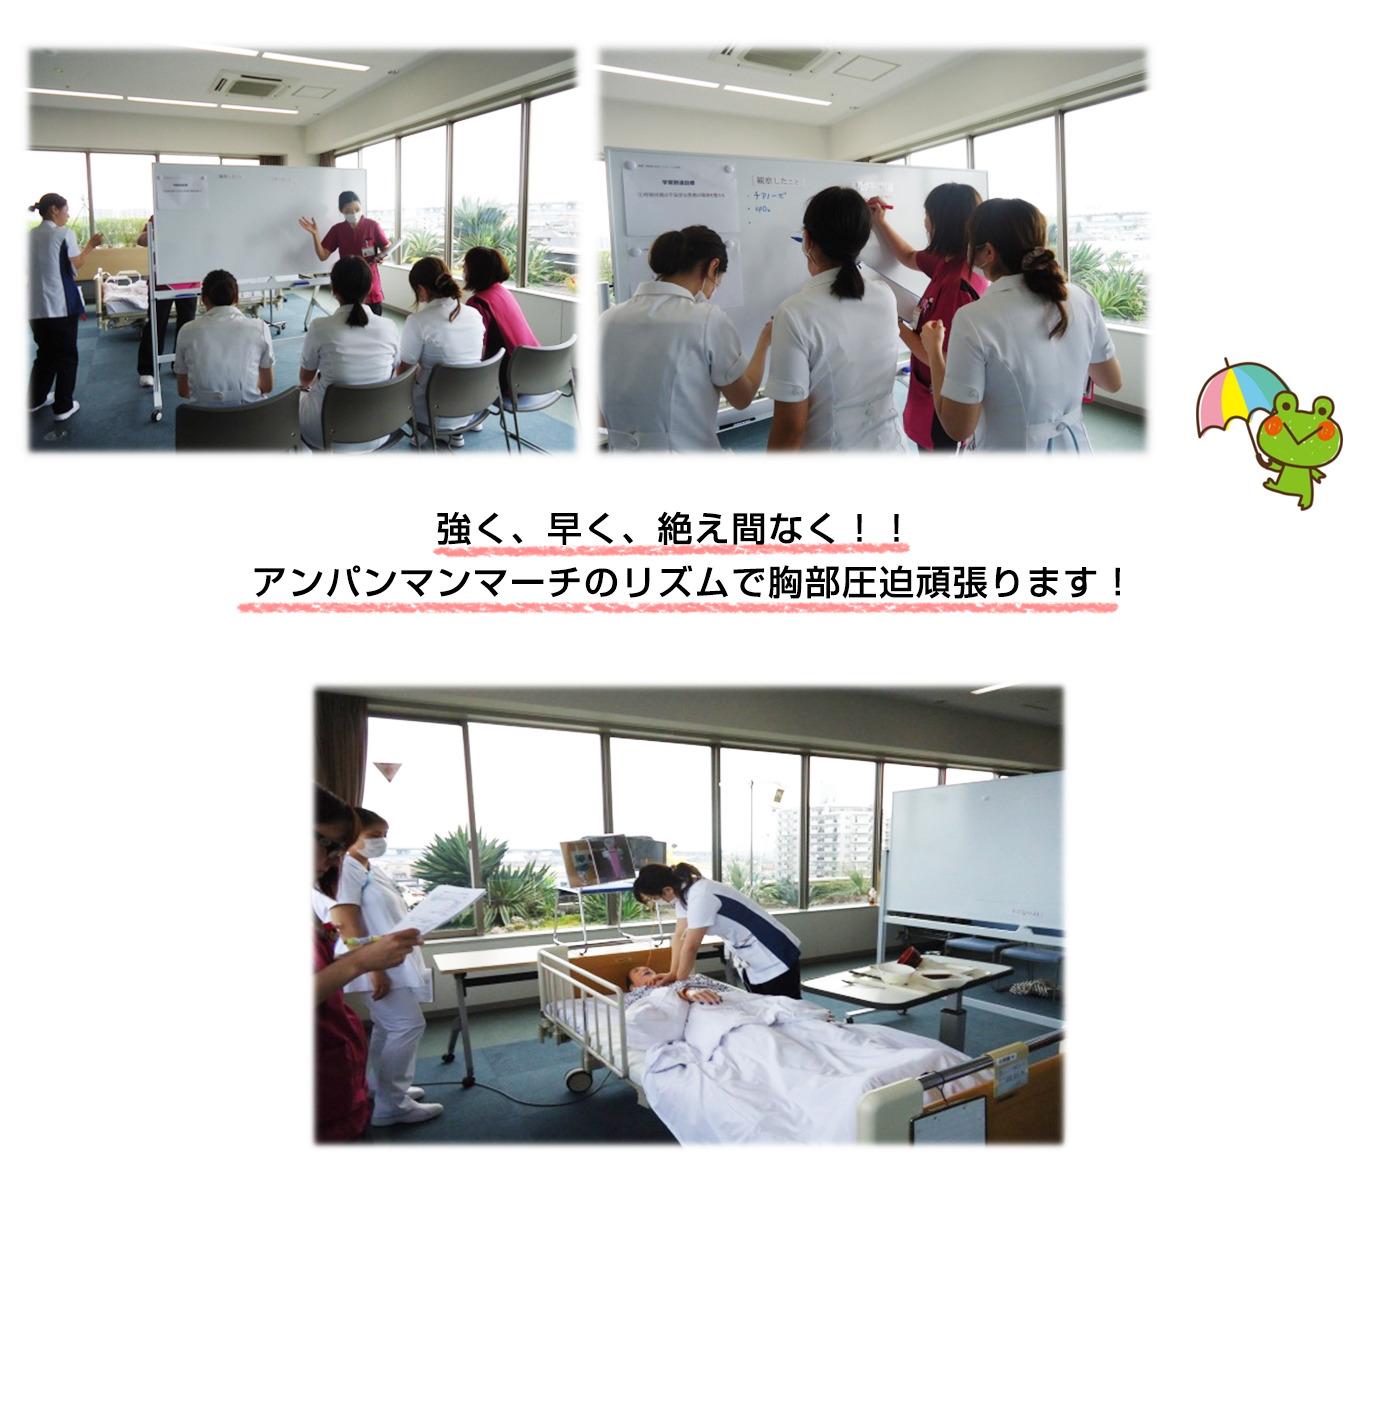 20170709_4.jpg